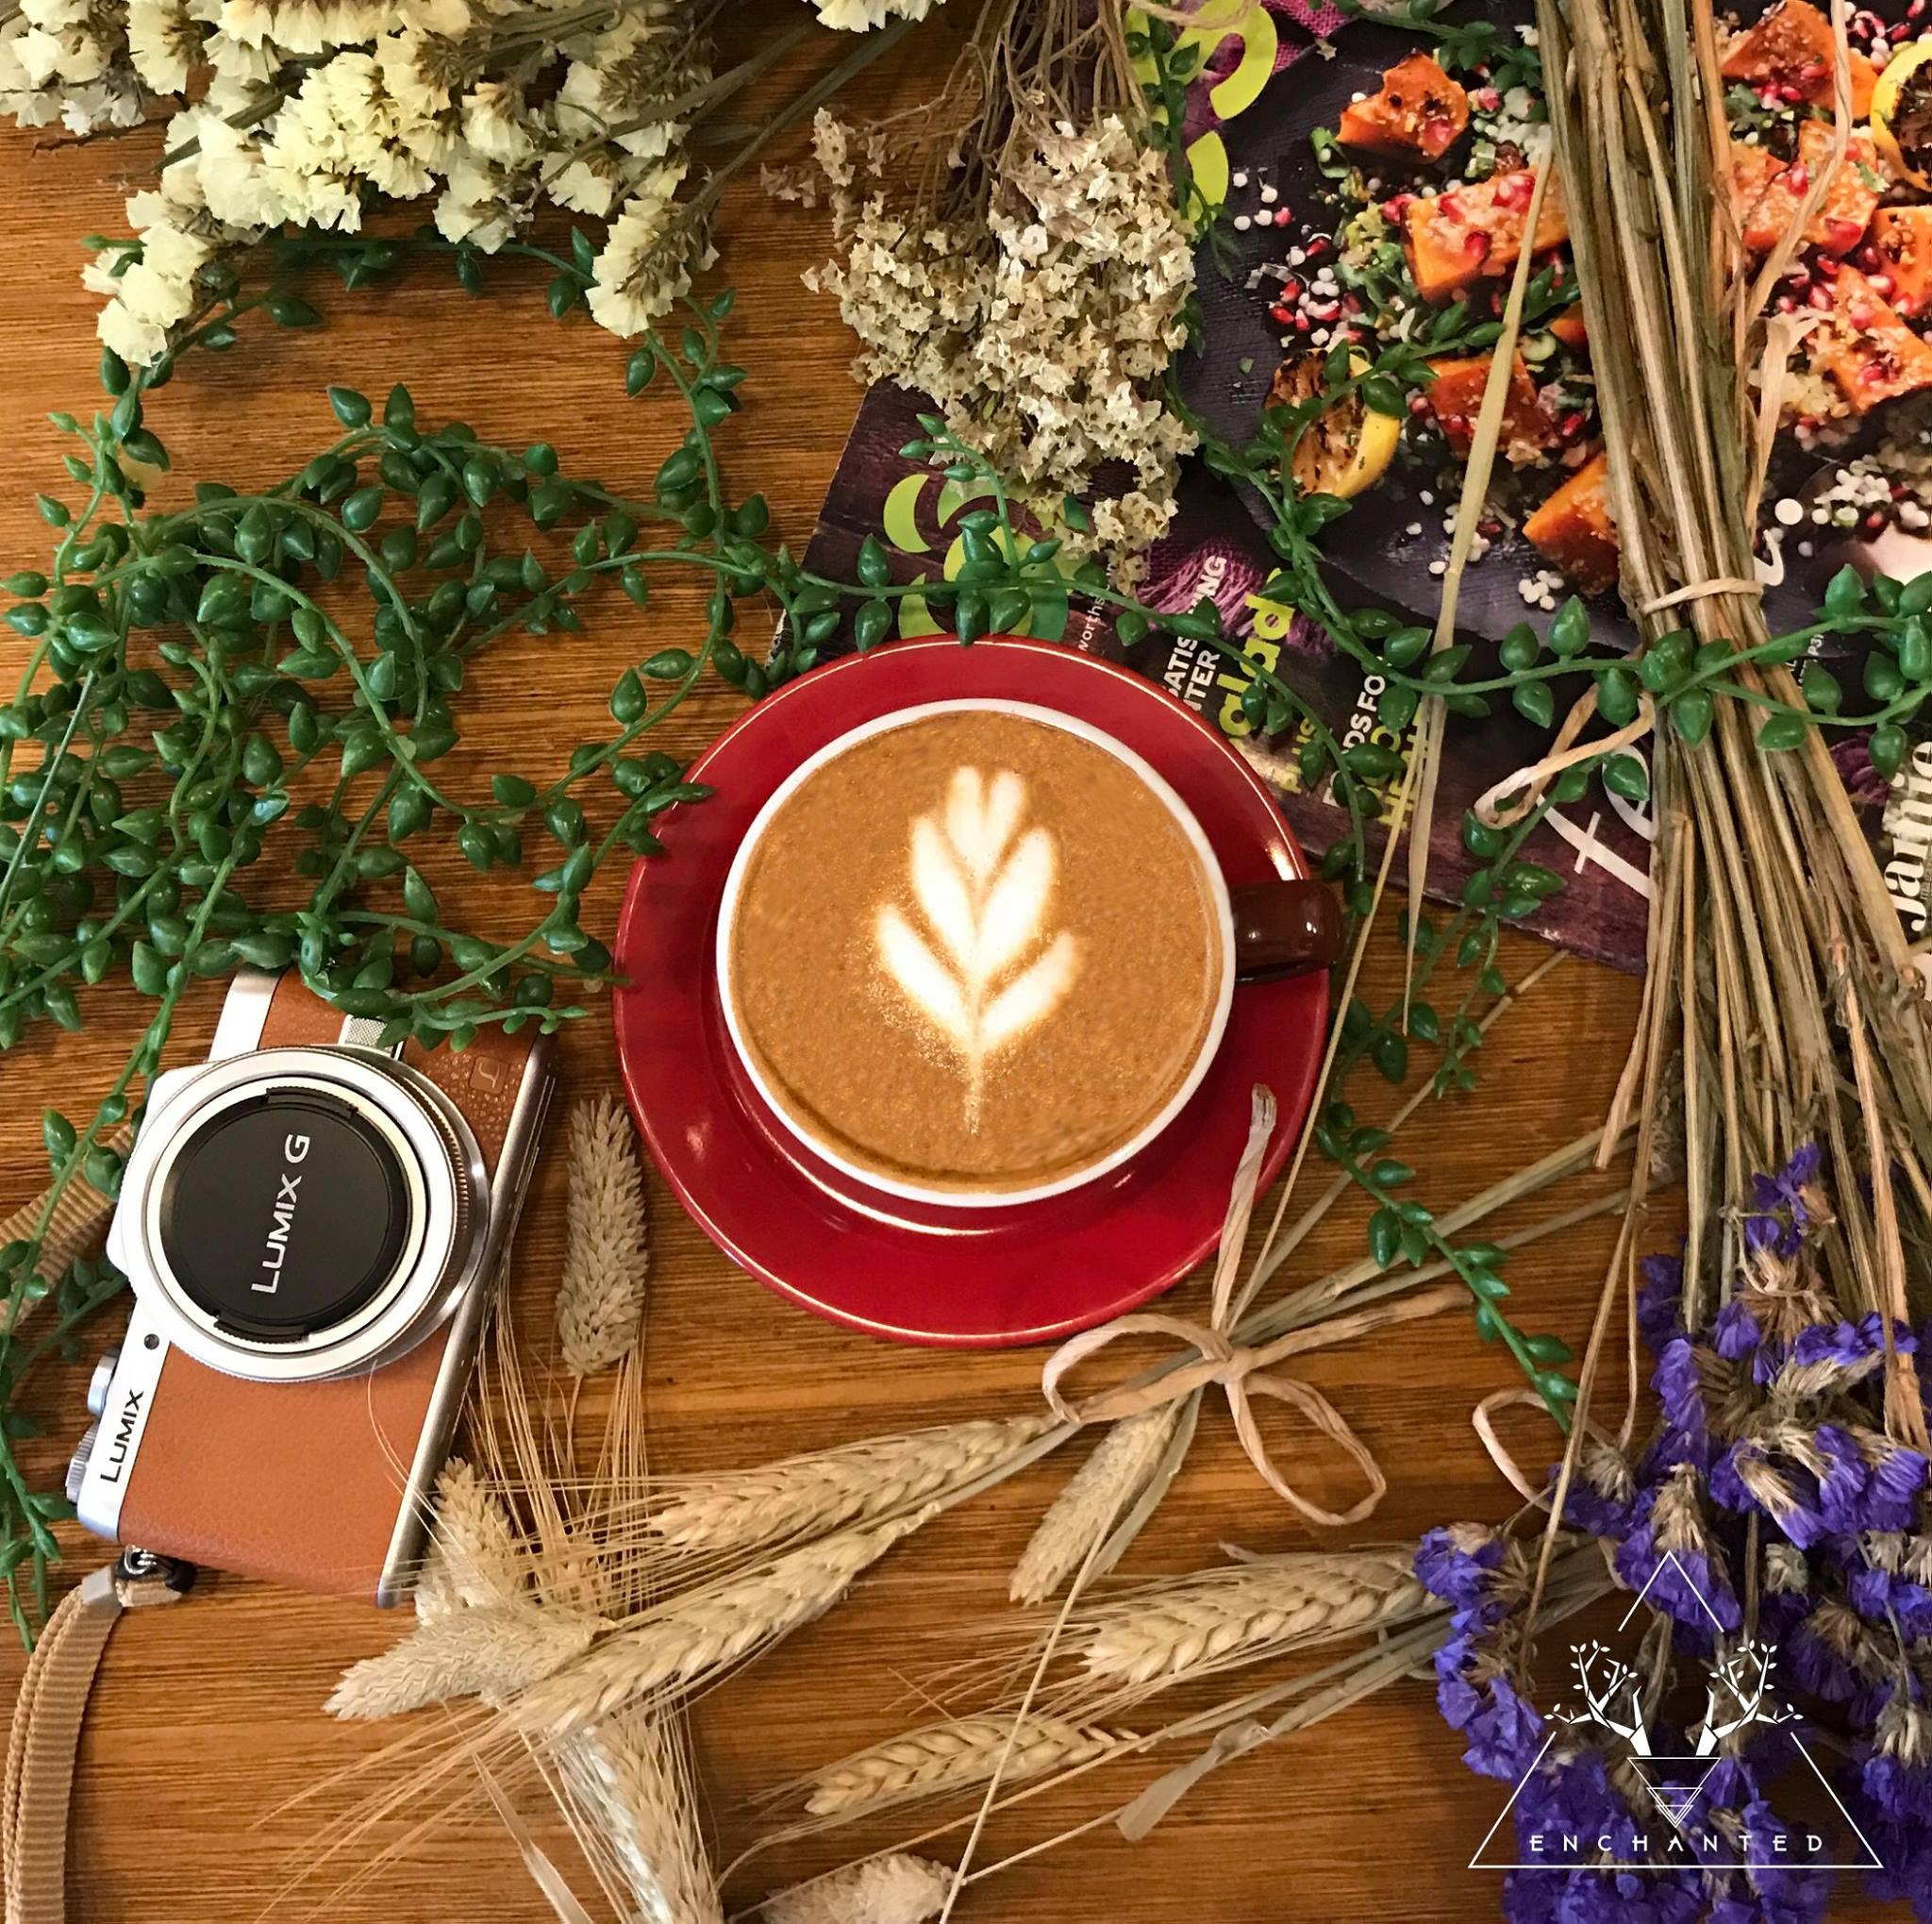 おとぎ話をテーマにしたカフェ「ENCHANTED CAFE」の再現度が高すぎる件。